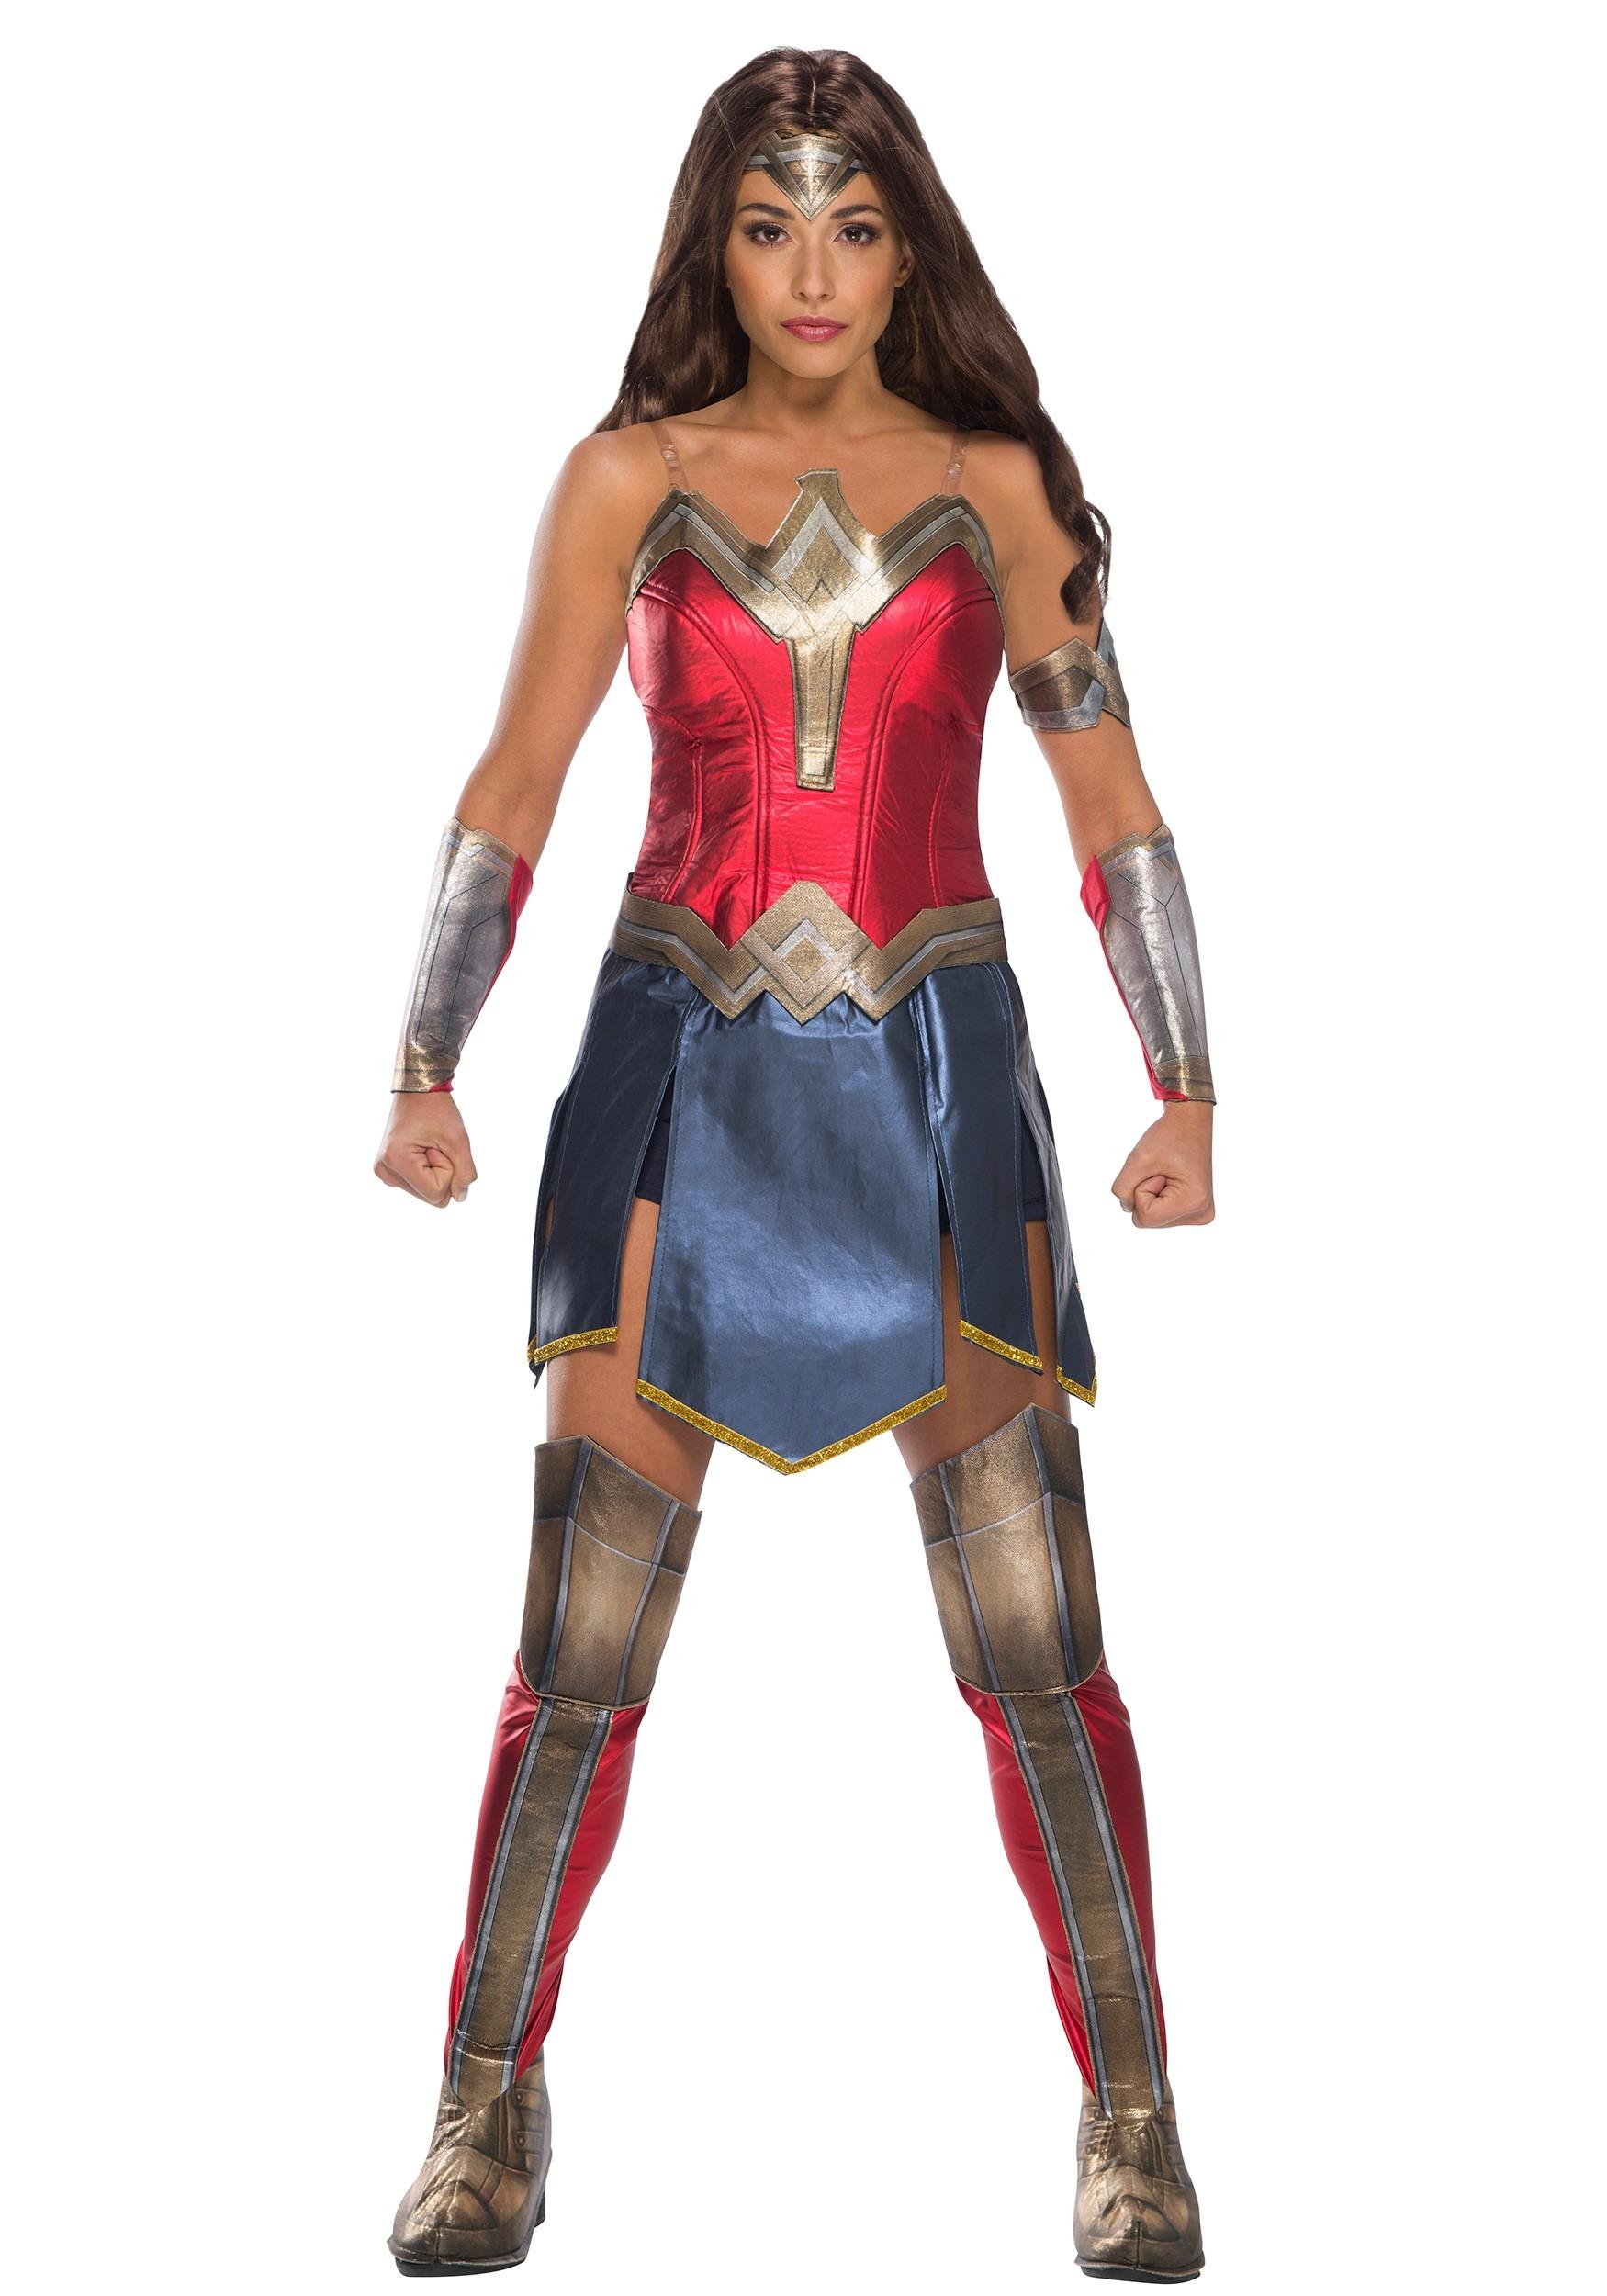 Women's Wonder Woman Deluxe Costume